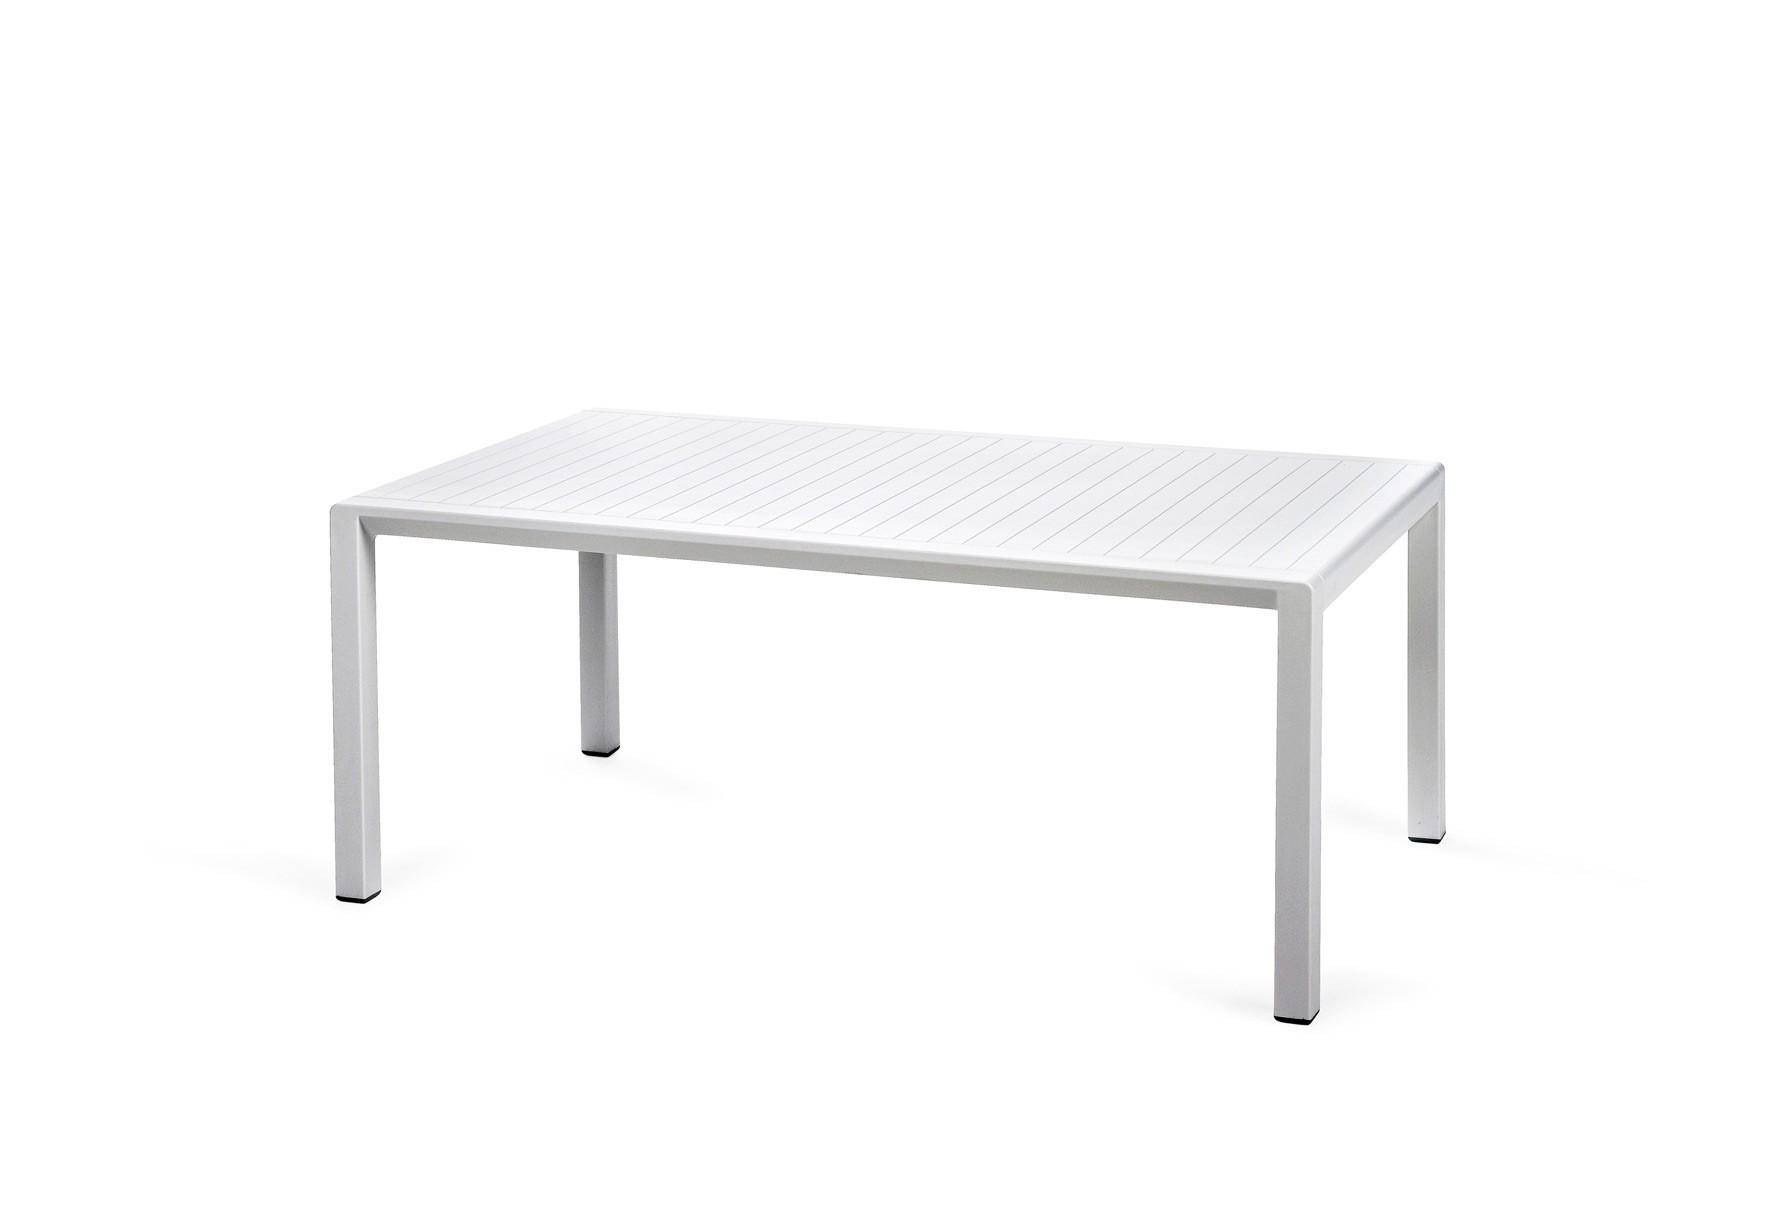 Nardi Gartentisch / Beistelltisch Aria 100 Kunststoff 100x60cm bianco Bild 1